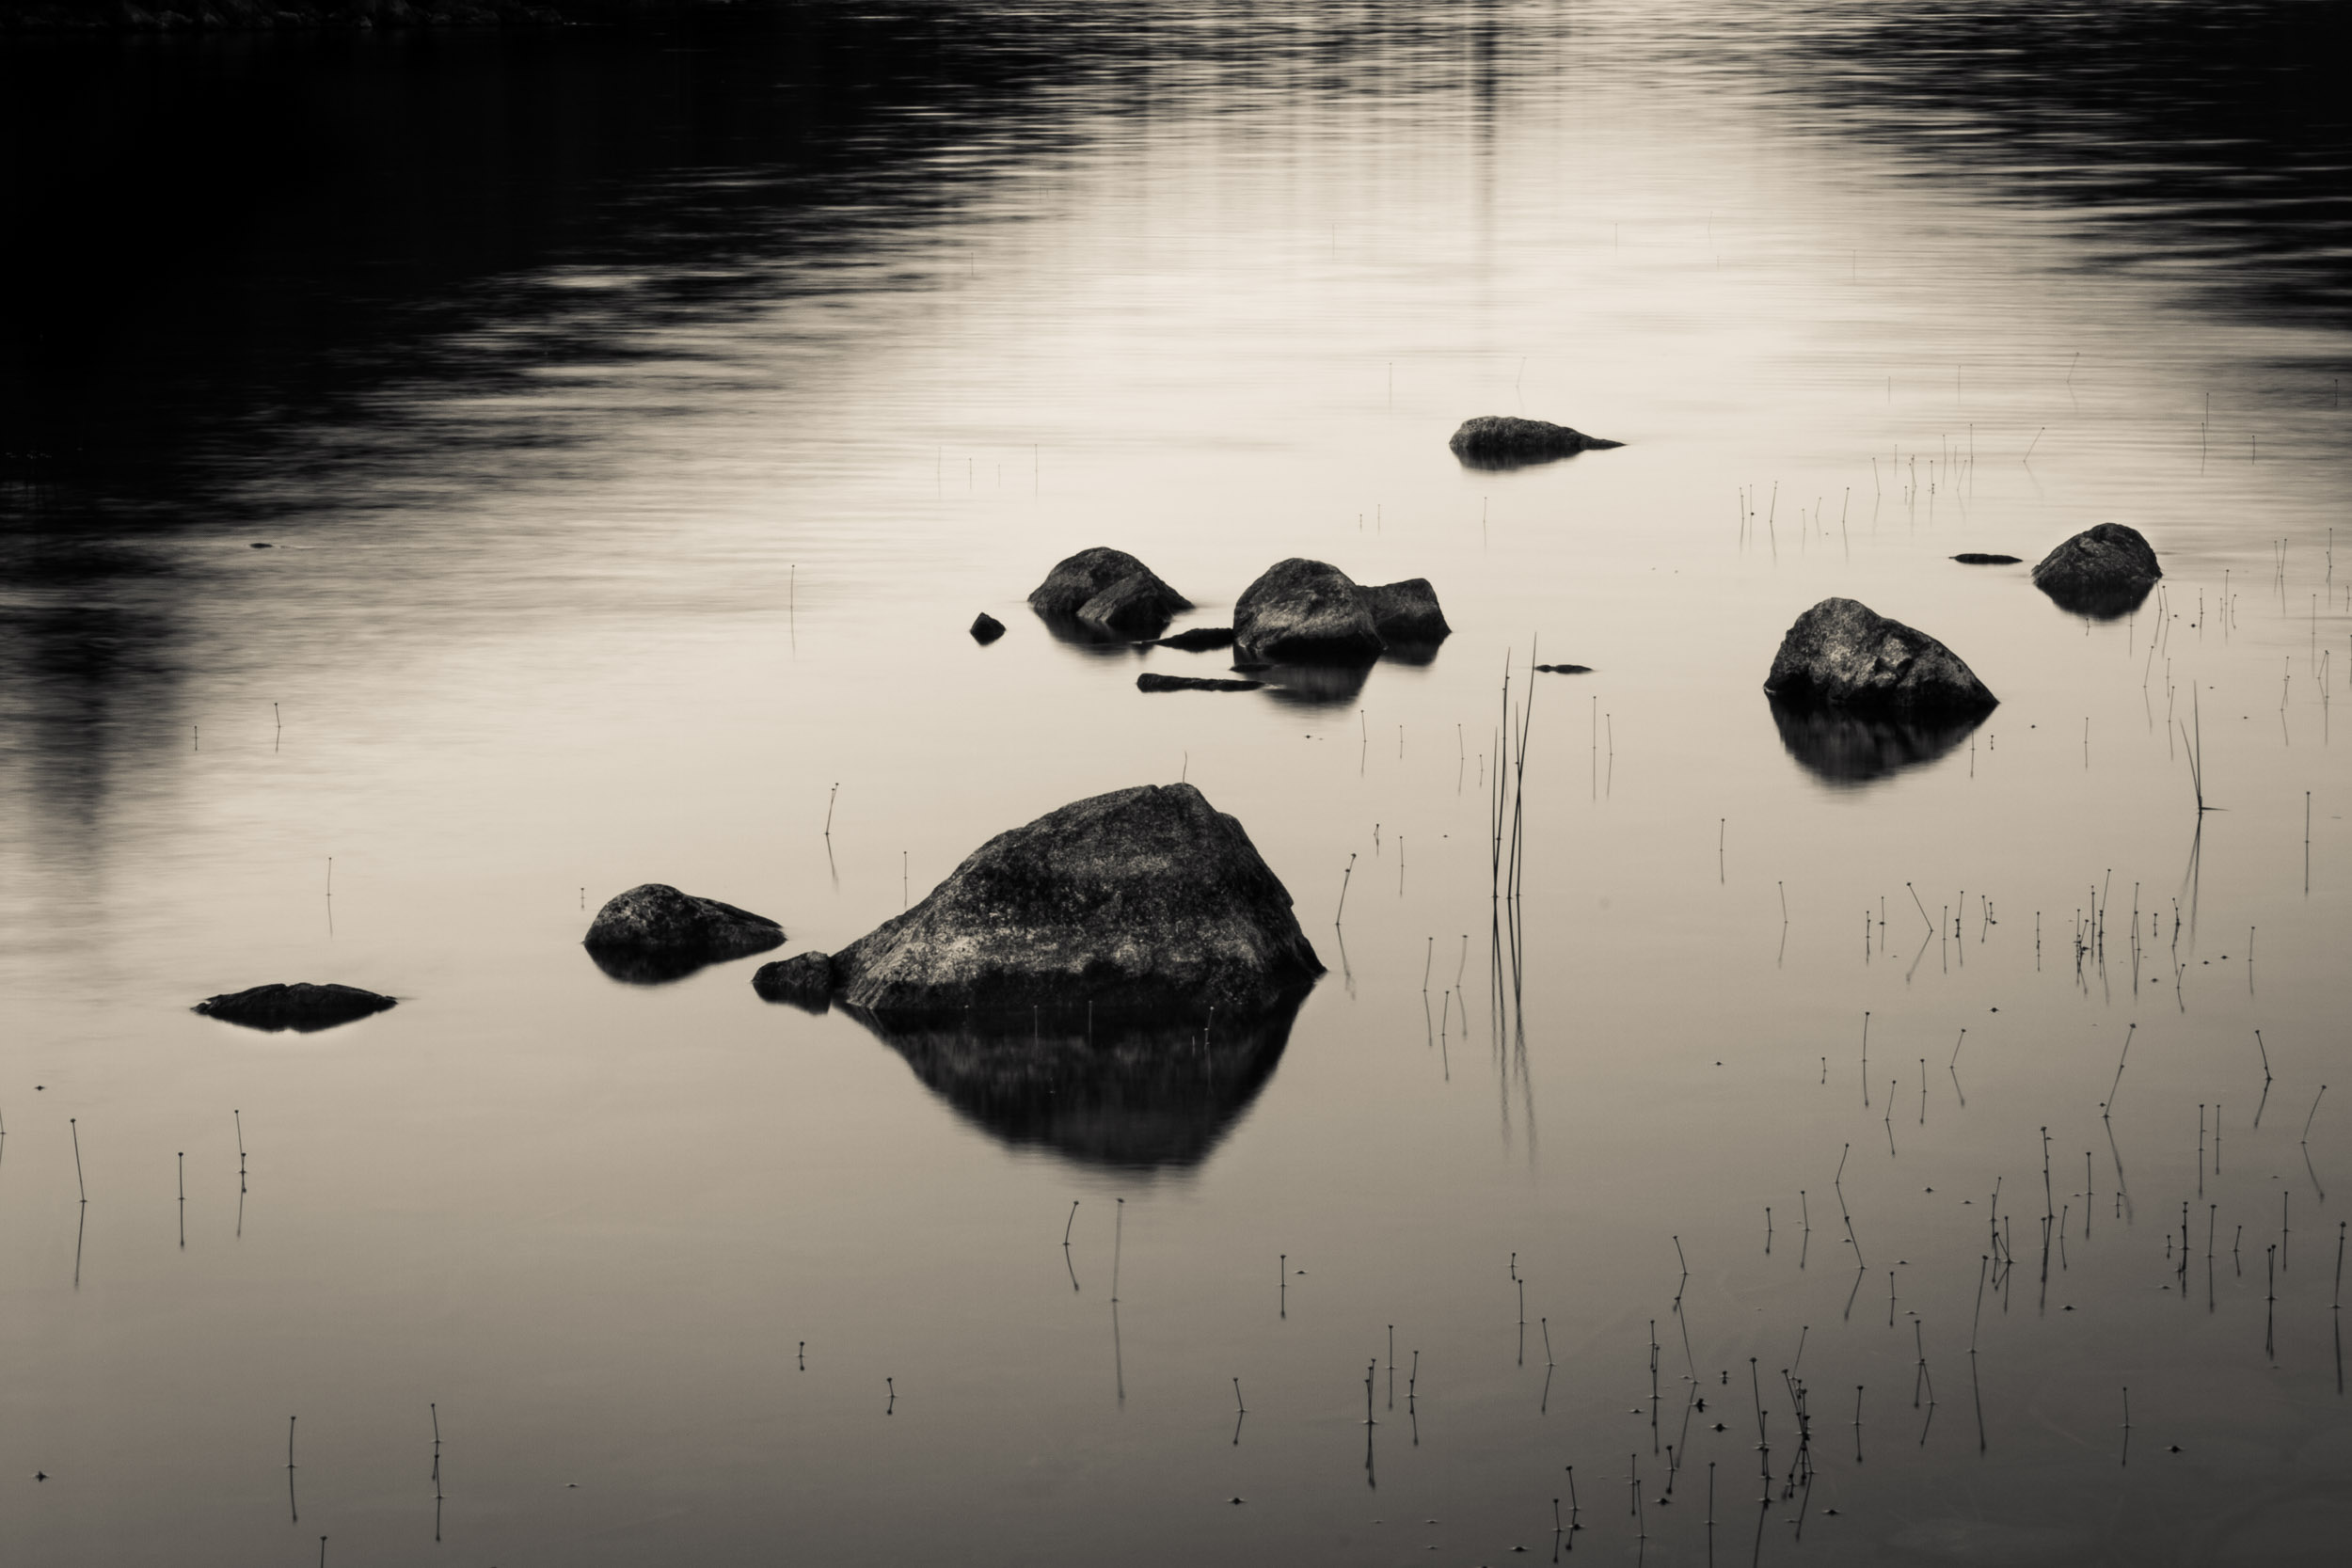 Jordan Pond, Acadia National Park, Mount Desert, Maine   8733